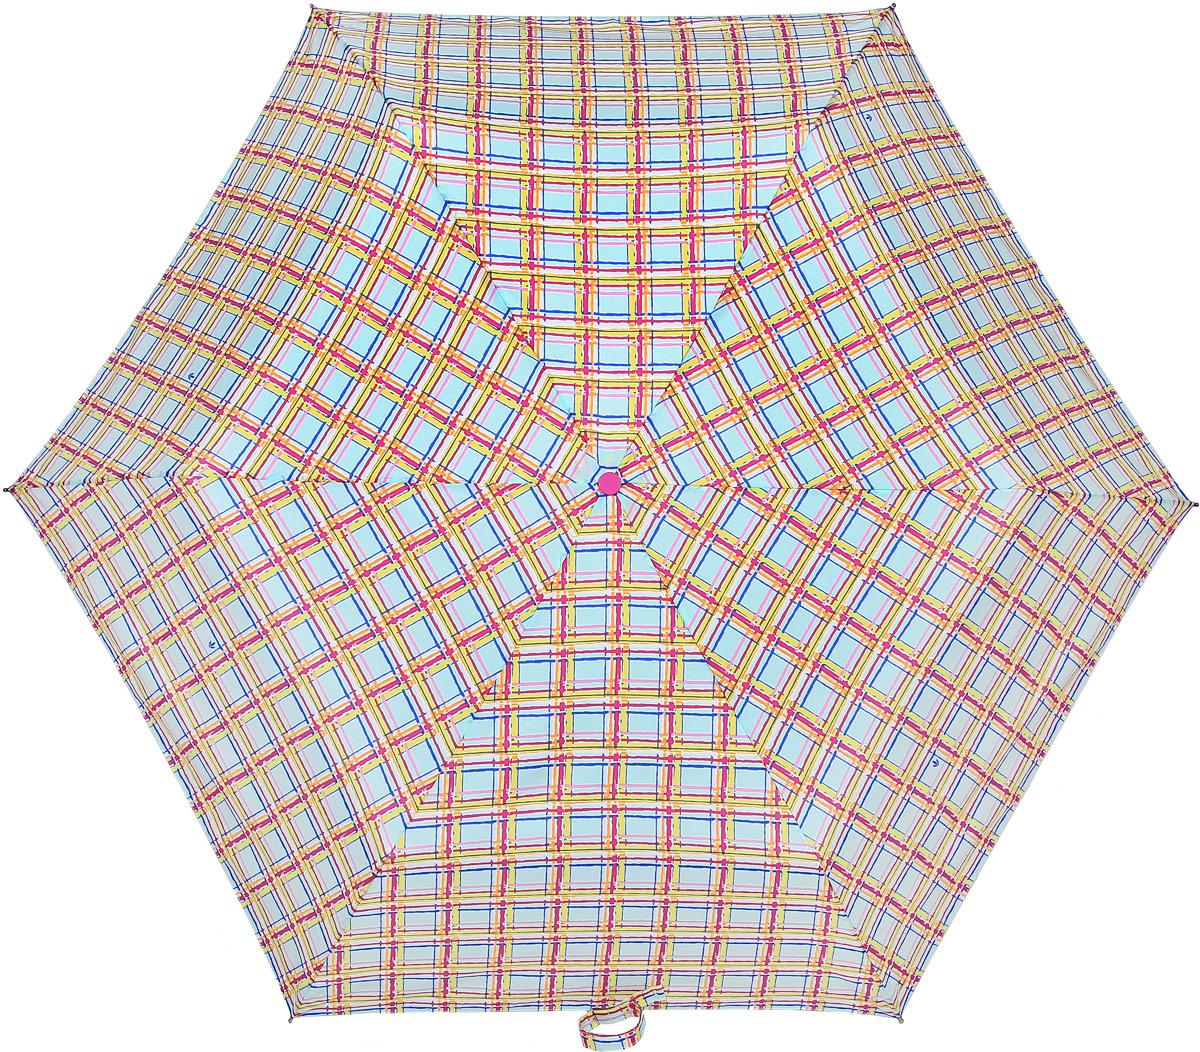 Зонт женский Fulton, механический, 3 сложения, цвет: мультиколор. L553-3371Колье (короткие одноярусные бусы)Стильный механический зонт Fulton имеет 3 сложения, даже в ненастную погоду позволит вам оставаться стильной. Легкий, но в тоже время прочный алюминиевый каркас состоит из шестиспиц с элементами из фибергласса. Купол зонта выполнен из прочного полиэстера с водоотталкивающей пропиткой. Рукоятка закругленной формы, разработанная с учетом требований эргономики, выполнена из каучука. Зонт имеет механический способ сложения: и купол, и стержень открываются и закрываются вручную до характерного щелчка.